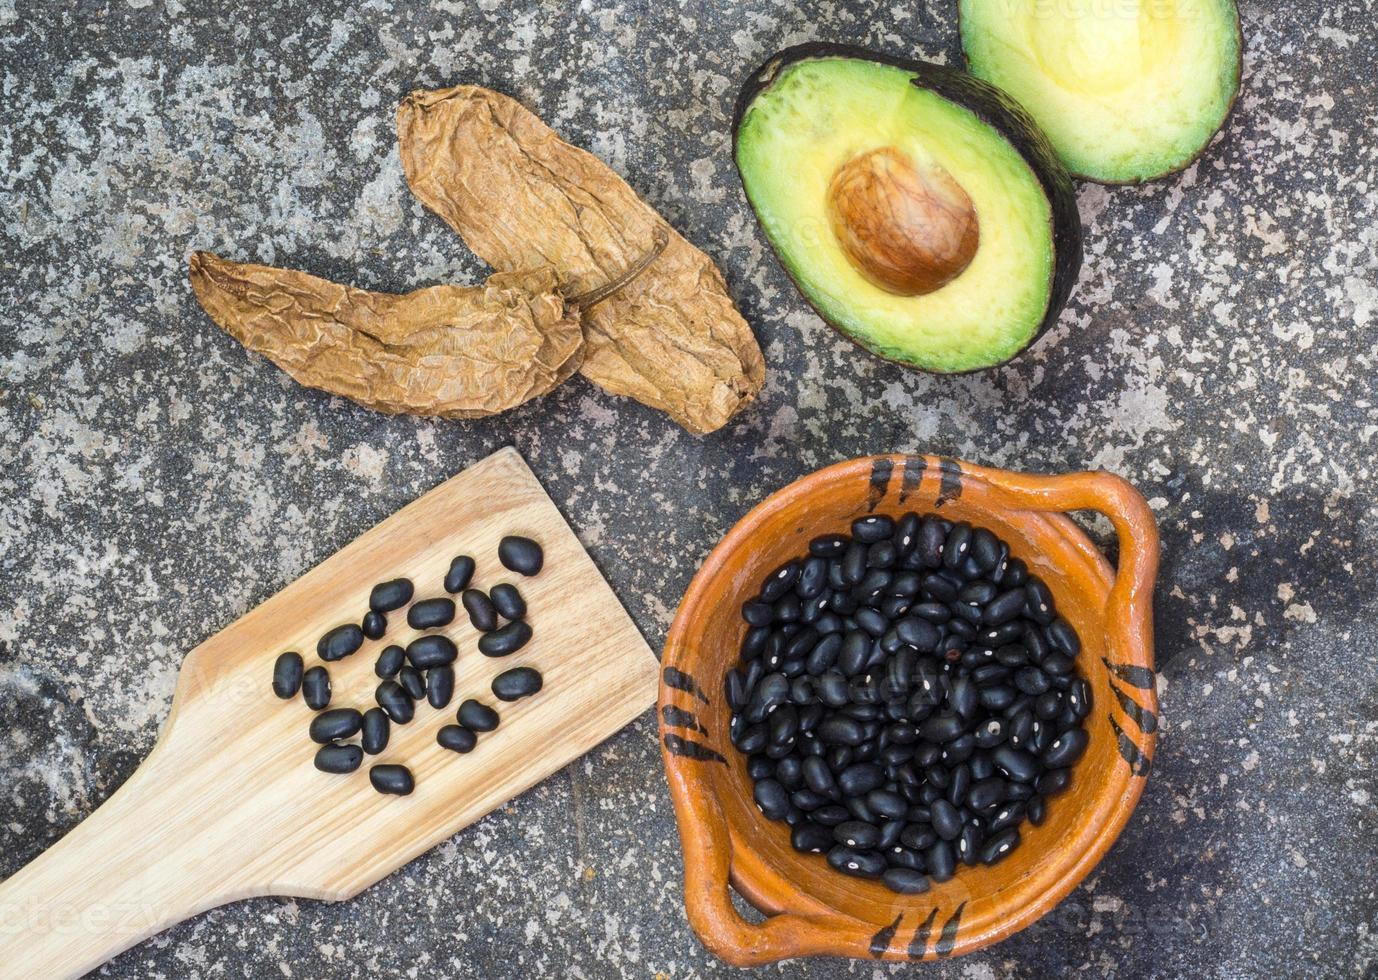 abacate, pimentão e feijão preto no moedor de pedra foto